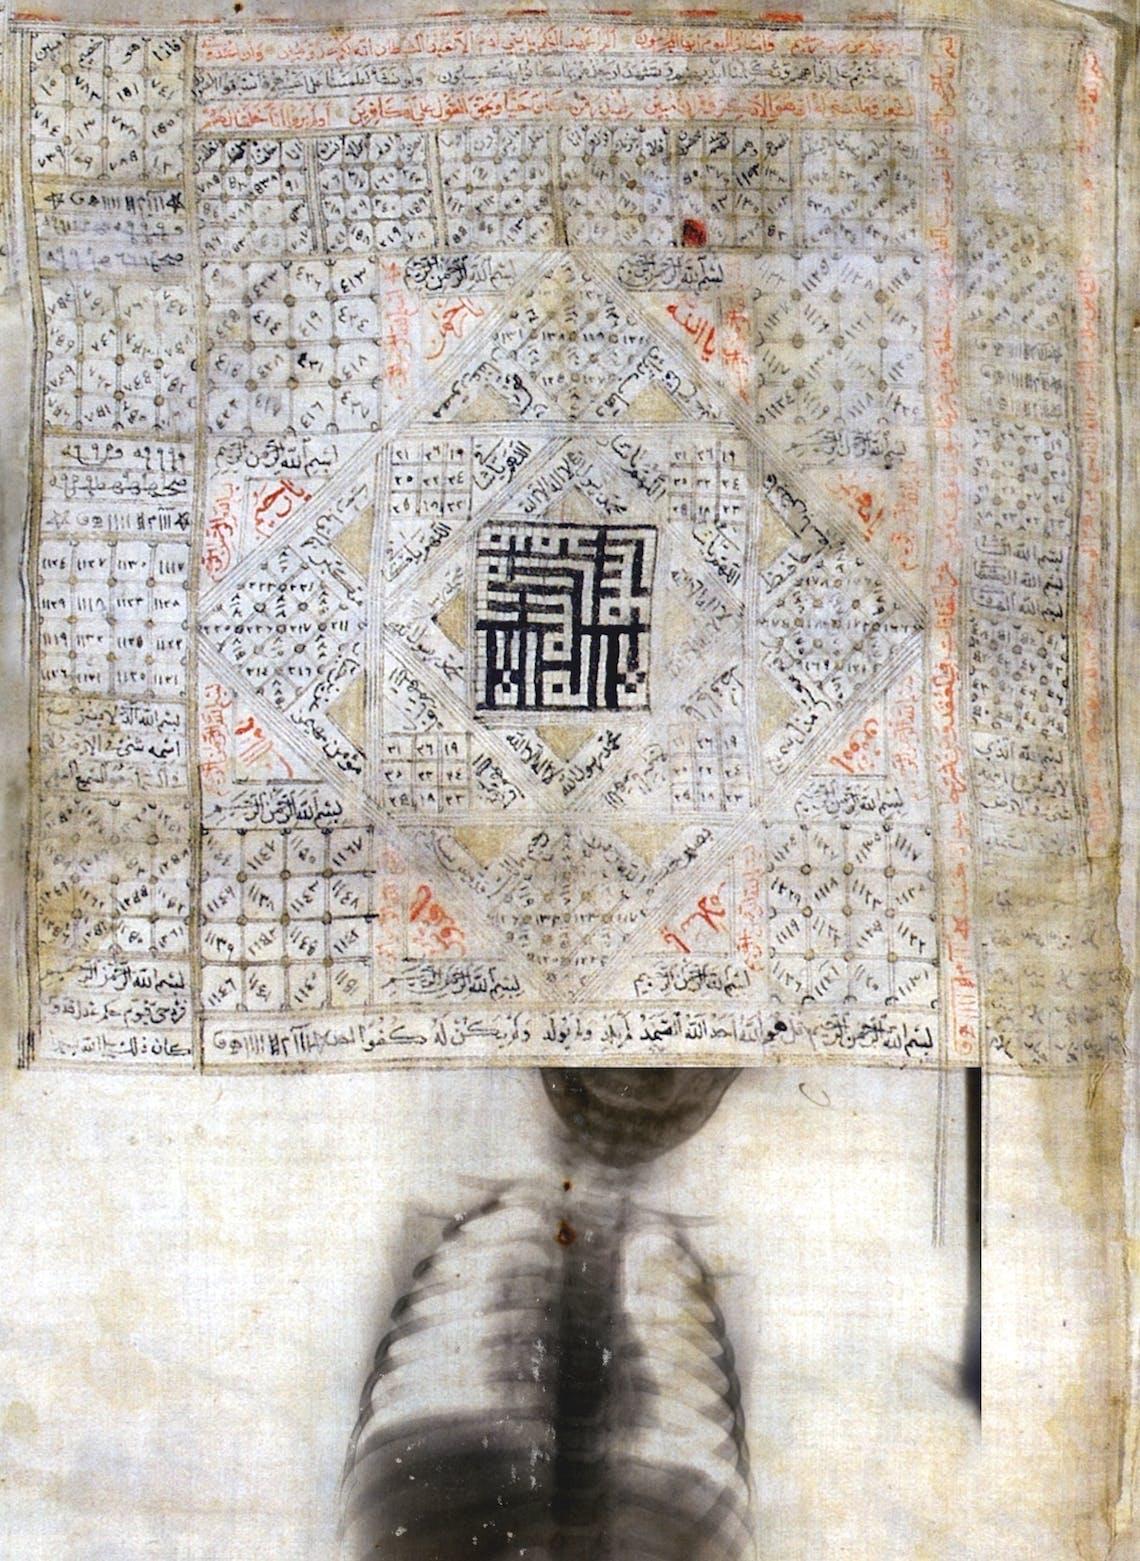 Talisman X Ray I Fatema 2008 Ahmed Mater Offset X Ray print and mixed media on archival paper 165 x 110 fatema talisman x ray copy